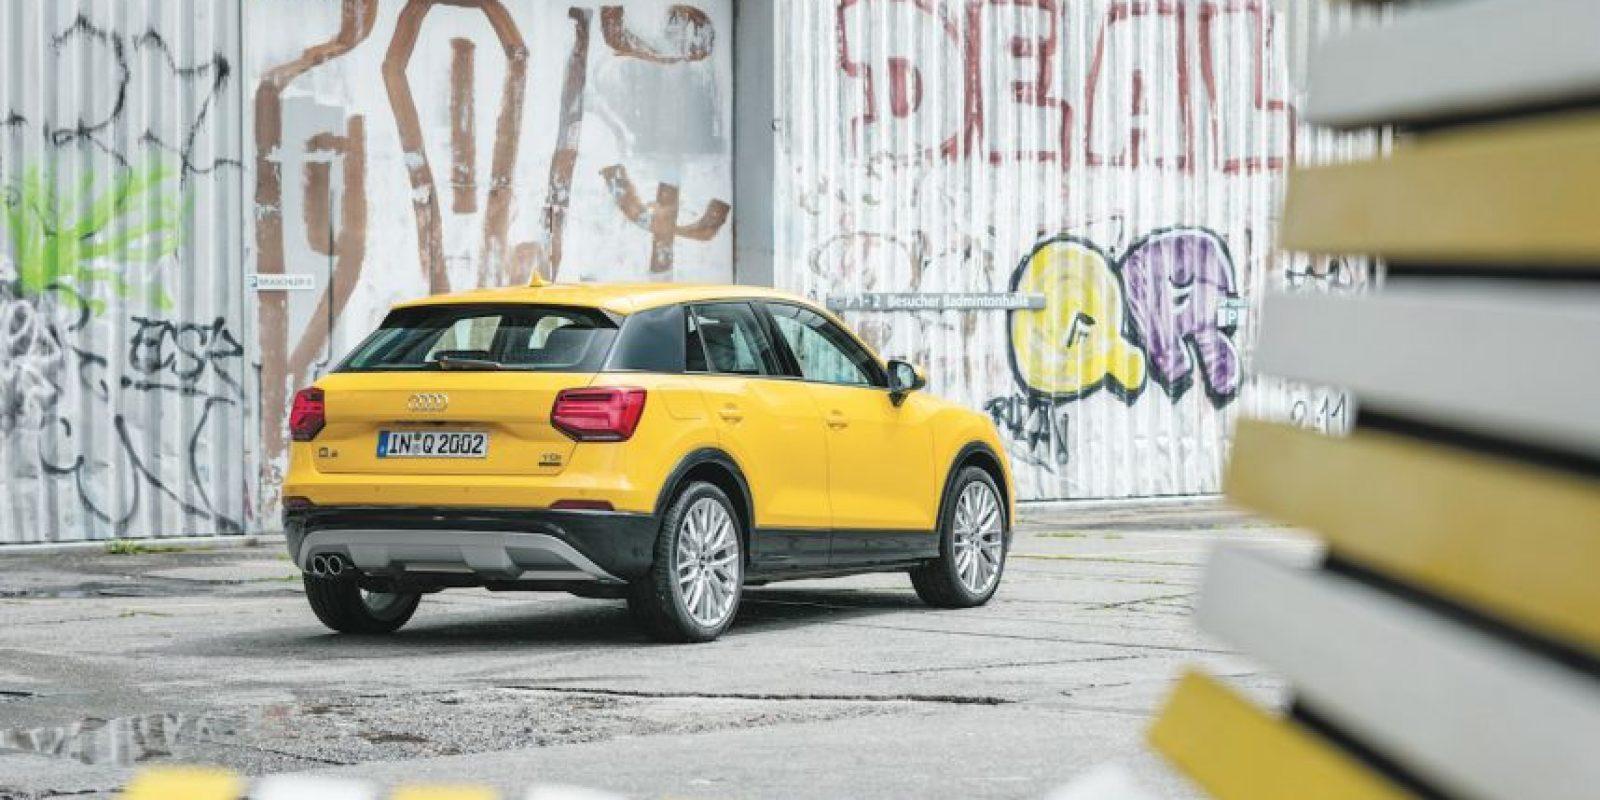 Su imagen moderna y su eficiente desempeño en el asfalto y fuera de él son las cartas fuertes de la pick up Saverio. Foto: Volkswagen